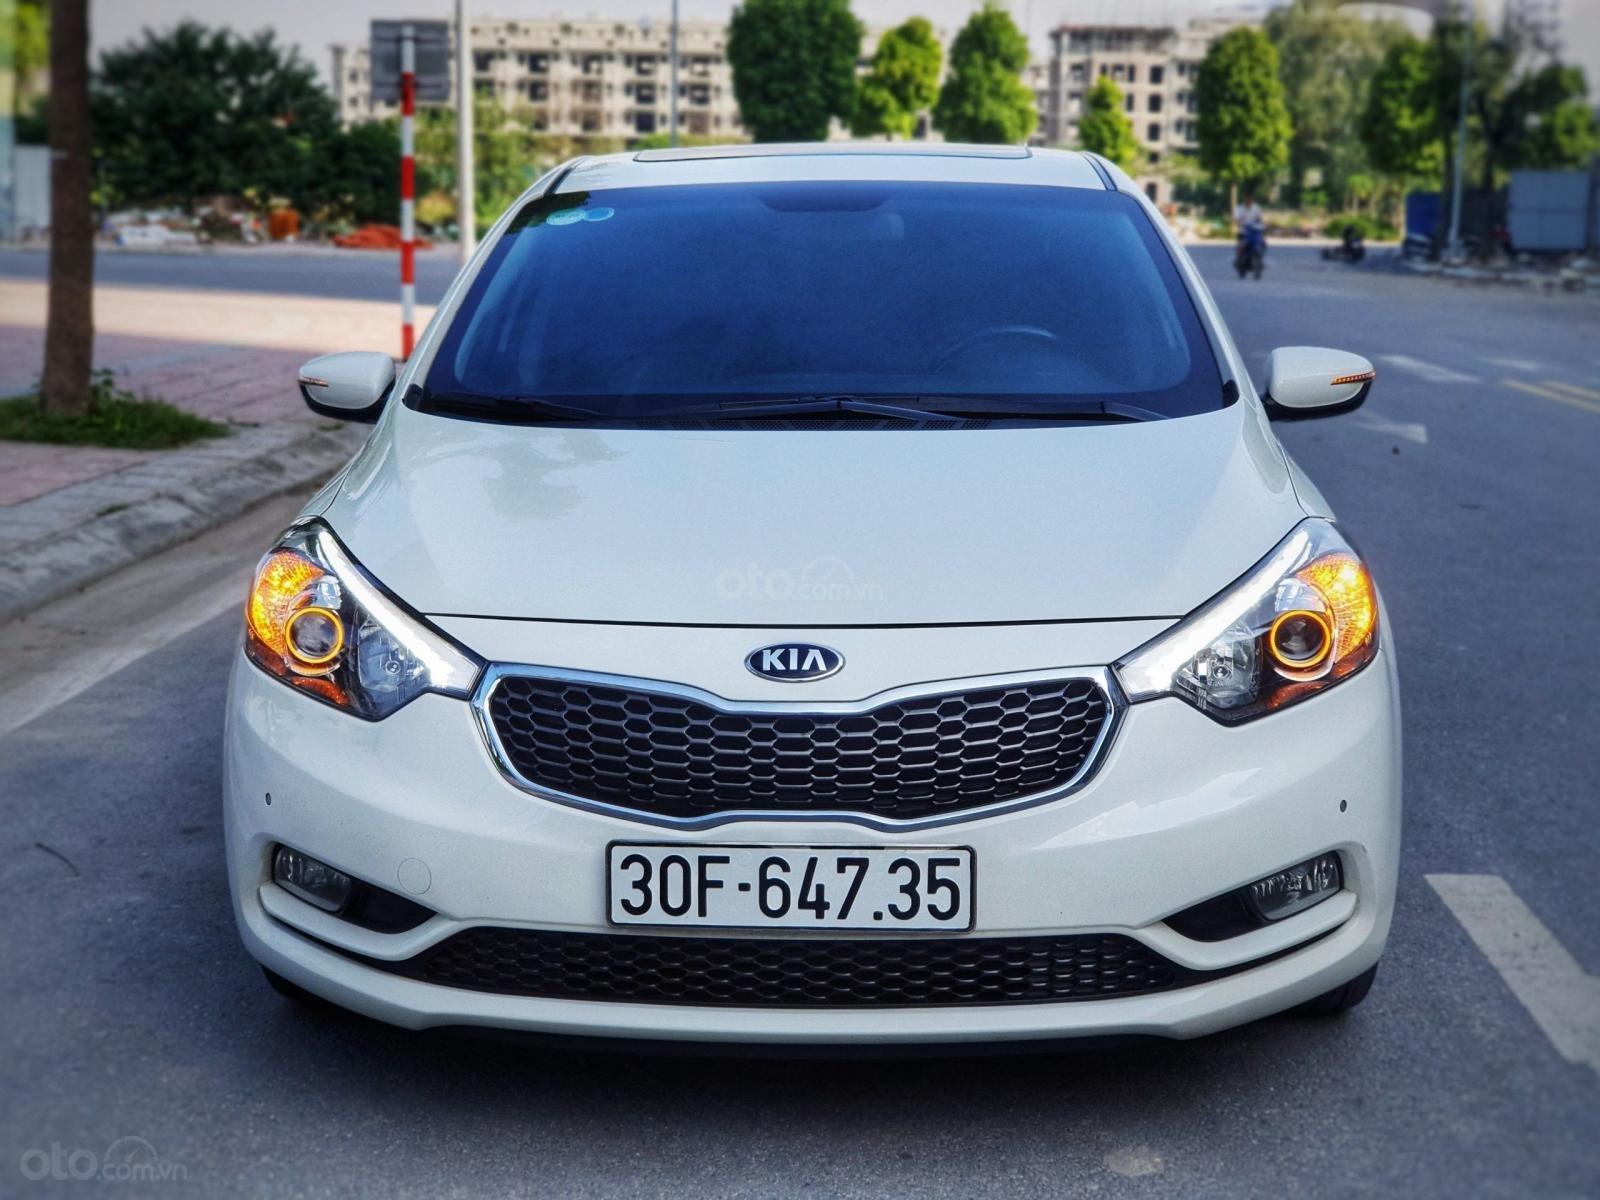 Cần bán lại xe Kia K3 2.0 2014, màu trắng, chất lượng đã được kiểm định (1)